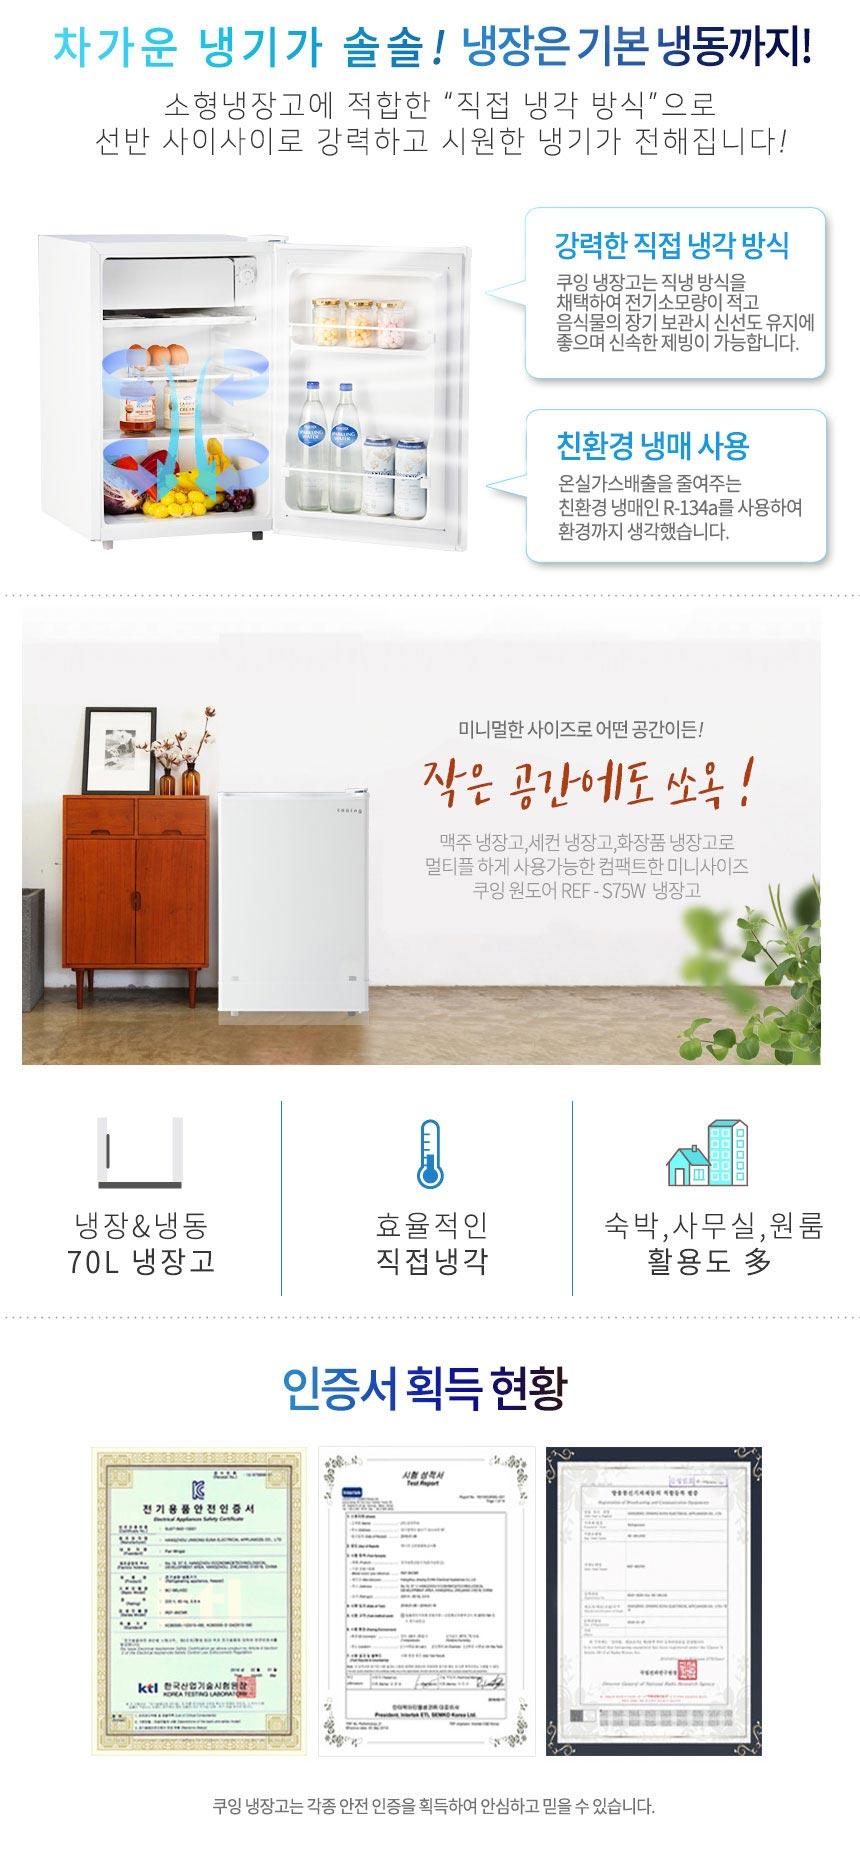 상세페이지 3, 소형냉장고, 직접냉각방식, 친환경 냉매 사용, 숙박, 사무실, 원룸, 인증서획득현황